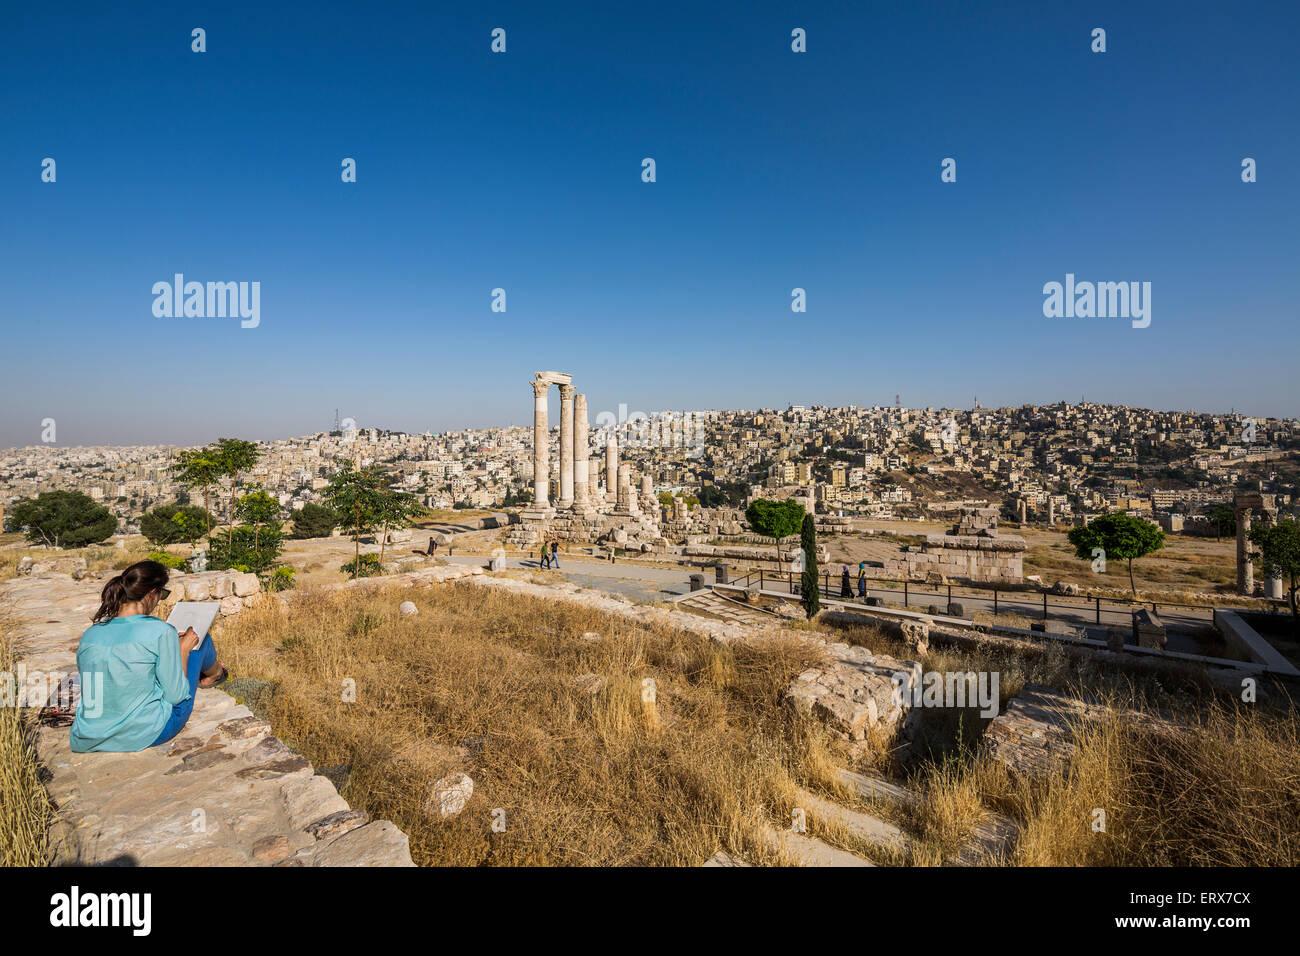 Ragazza abbozzare tempio di Ercole sulla cittadella, Amman, Giordania Immagini Stock